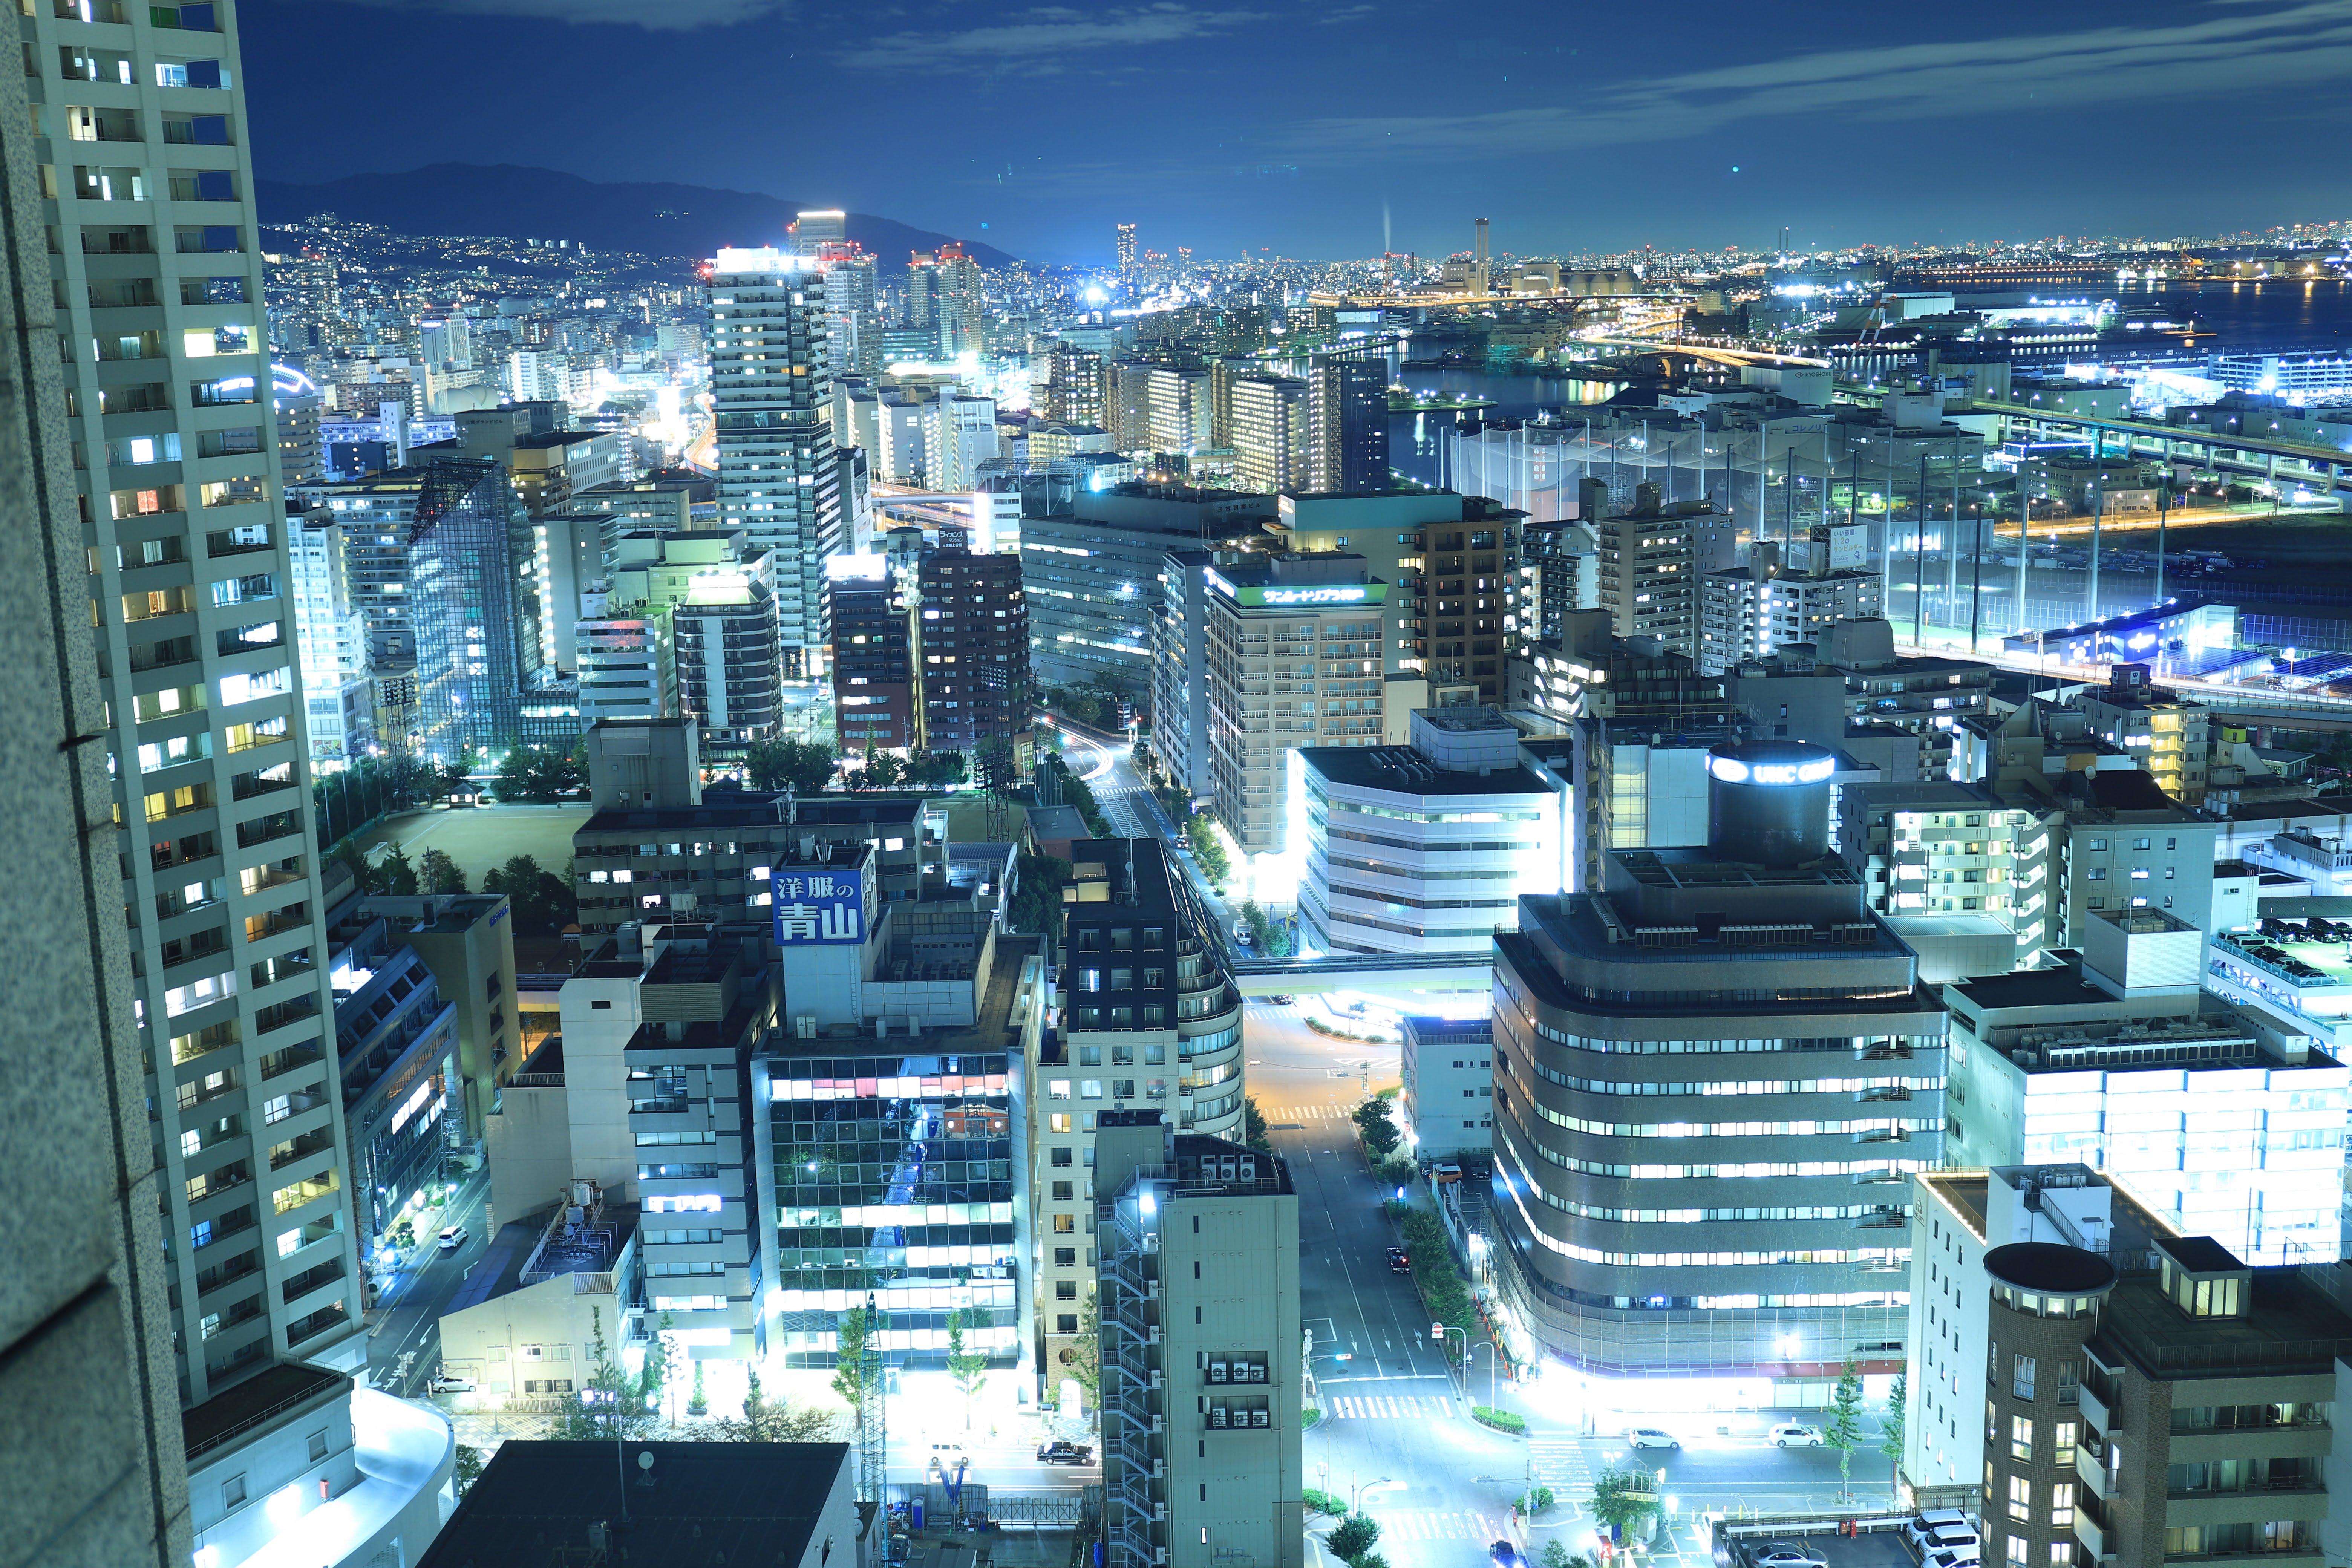 セリオン秋田県ライトアップはきれい?釣りは夜にできるの?意味は?